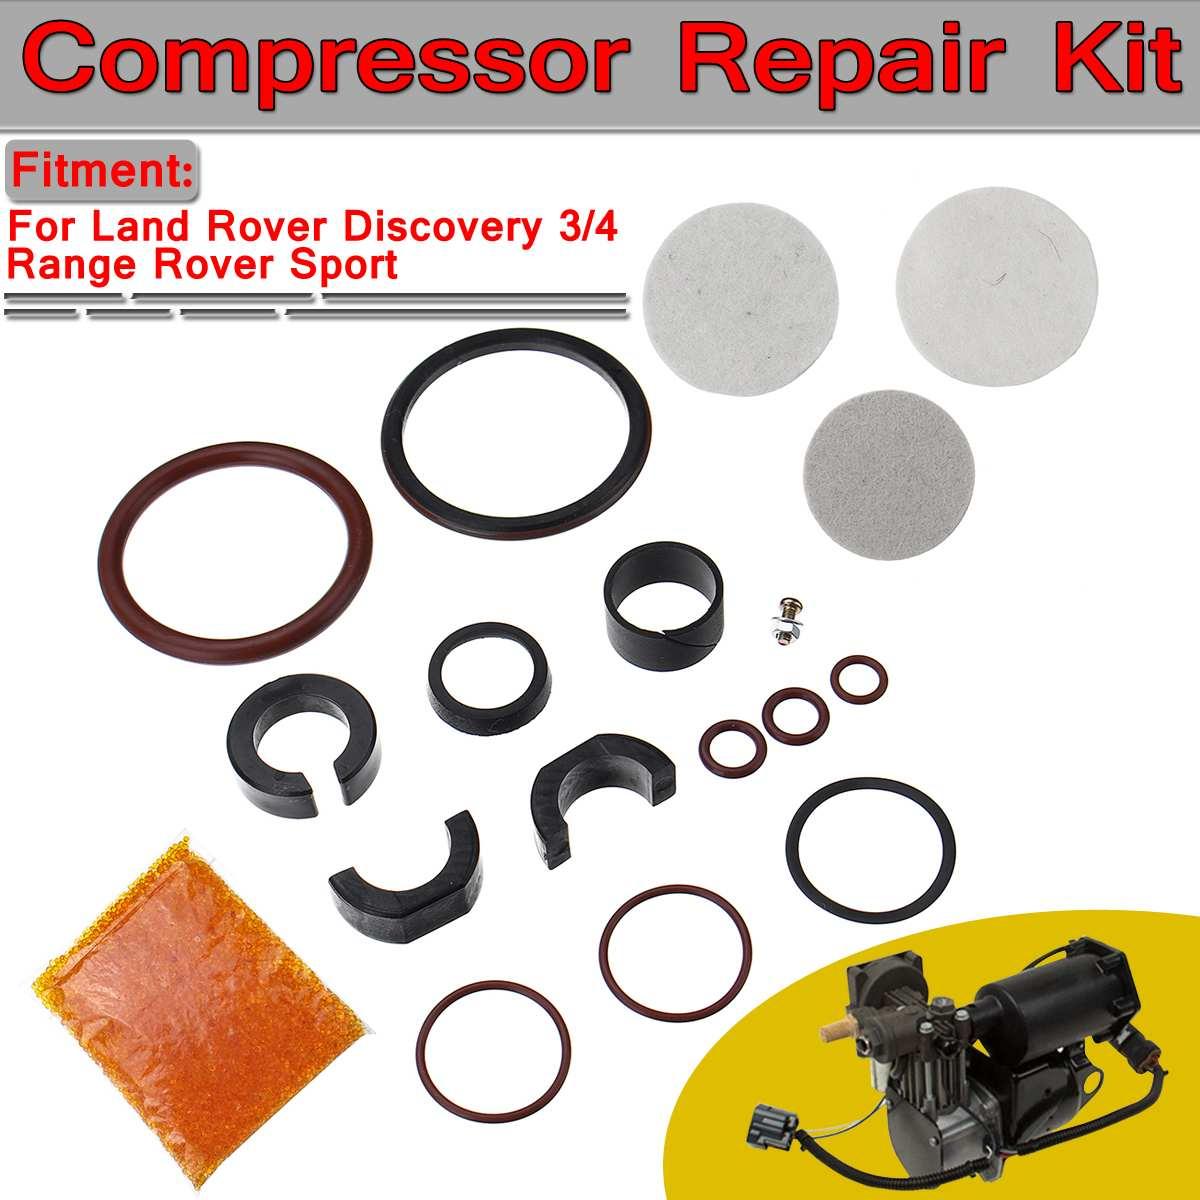 Suspensão a ar do carro a/c compressor kit de reparo para land rover discovery 3/4 range rover sport rqg000017 rqg000018 rqg000019